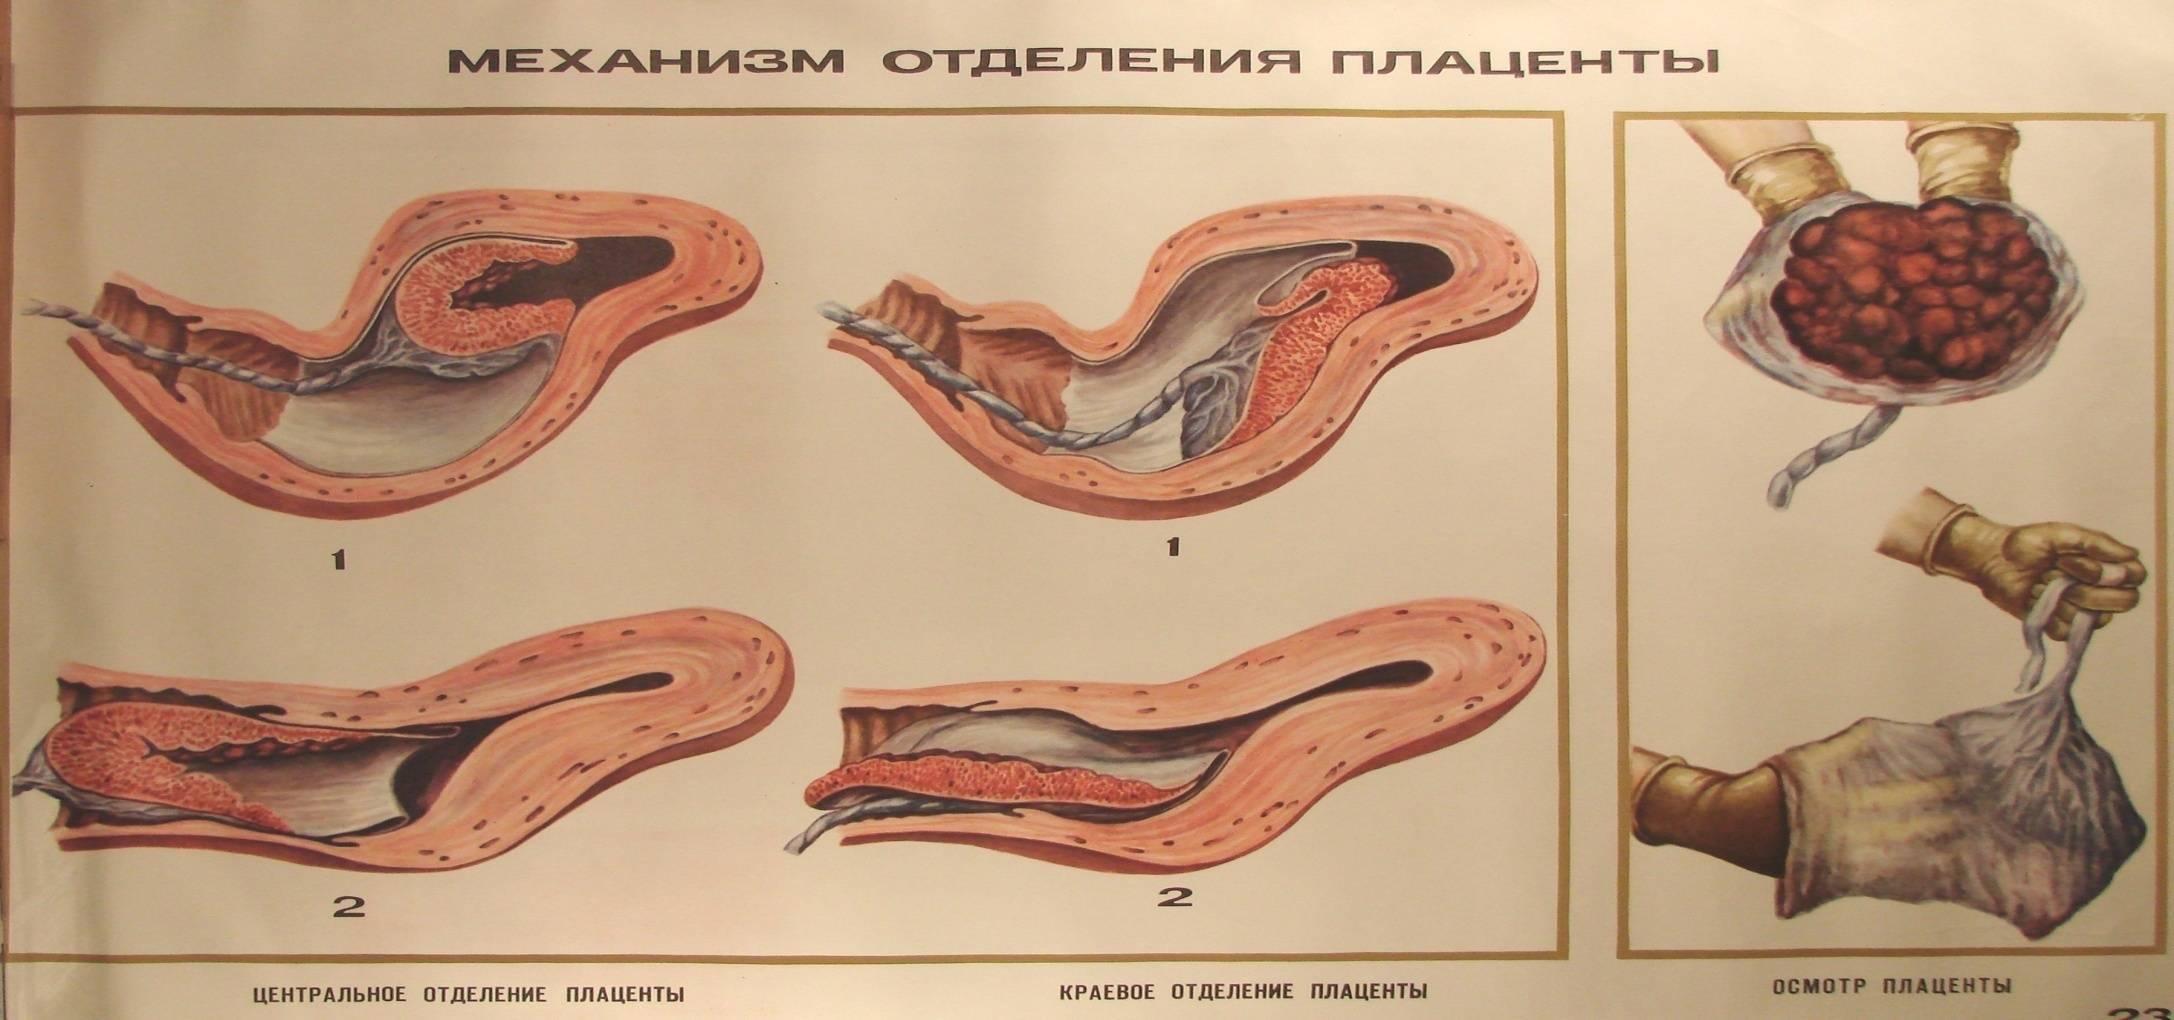 Месячные после кесарева при грудном вскармливании: могут ли прийти, после сечения и является ли это нормой, когда  восстанавливается  цикл и что на это влияет?